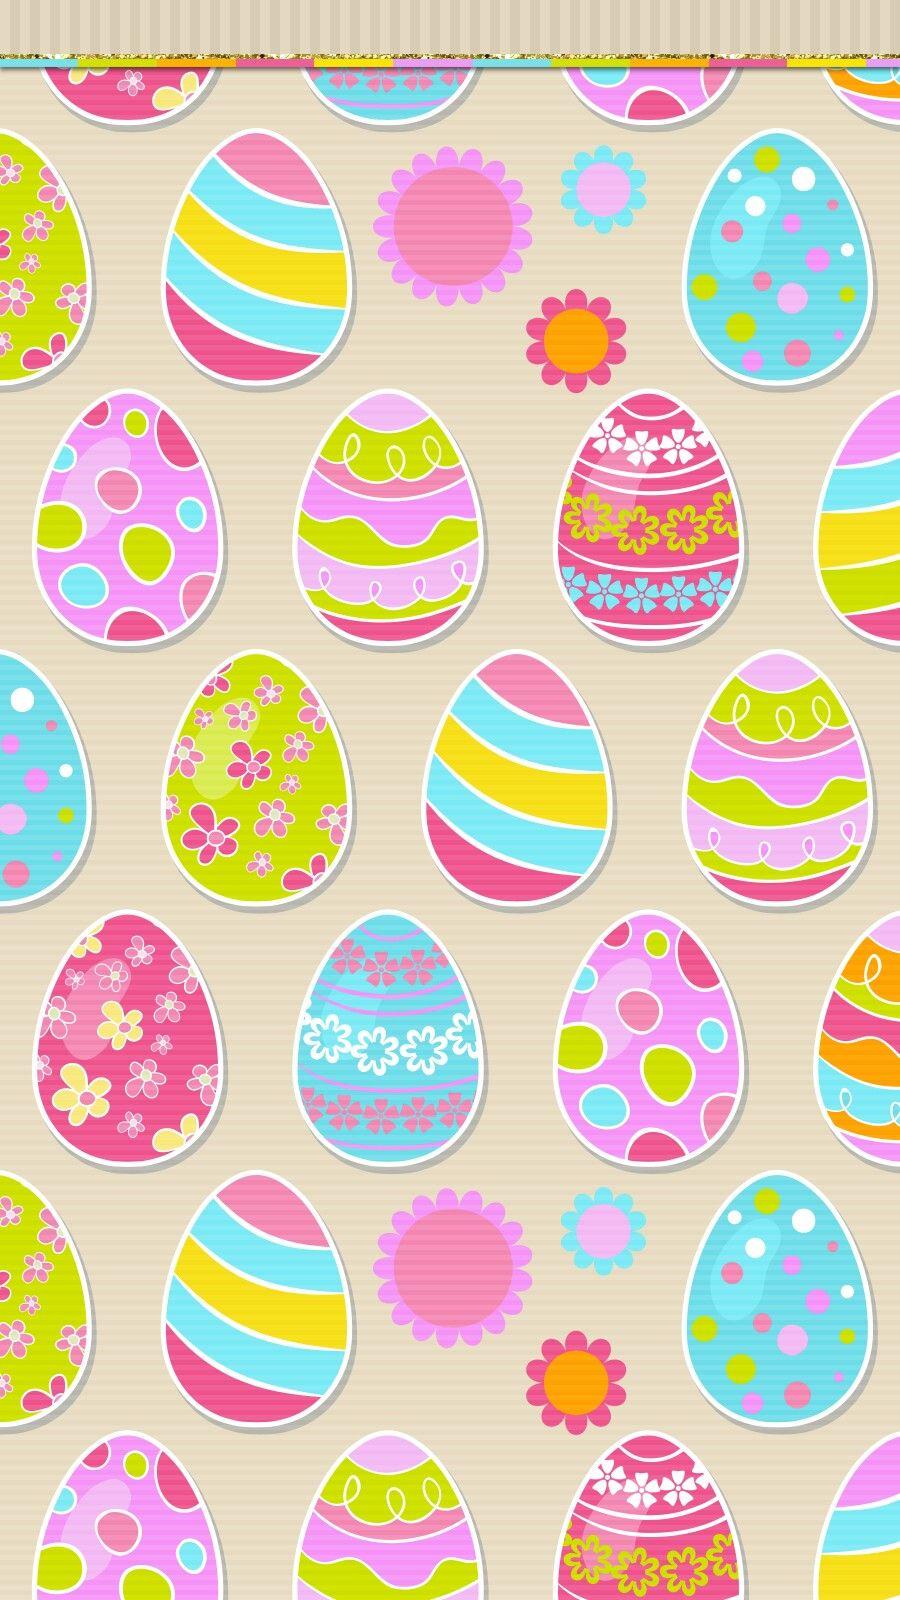 Easter Egg Wallpaper Iphone Easter Wallpaper Happy Easter Wallpaper Happy Planner Printable Stickers